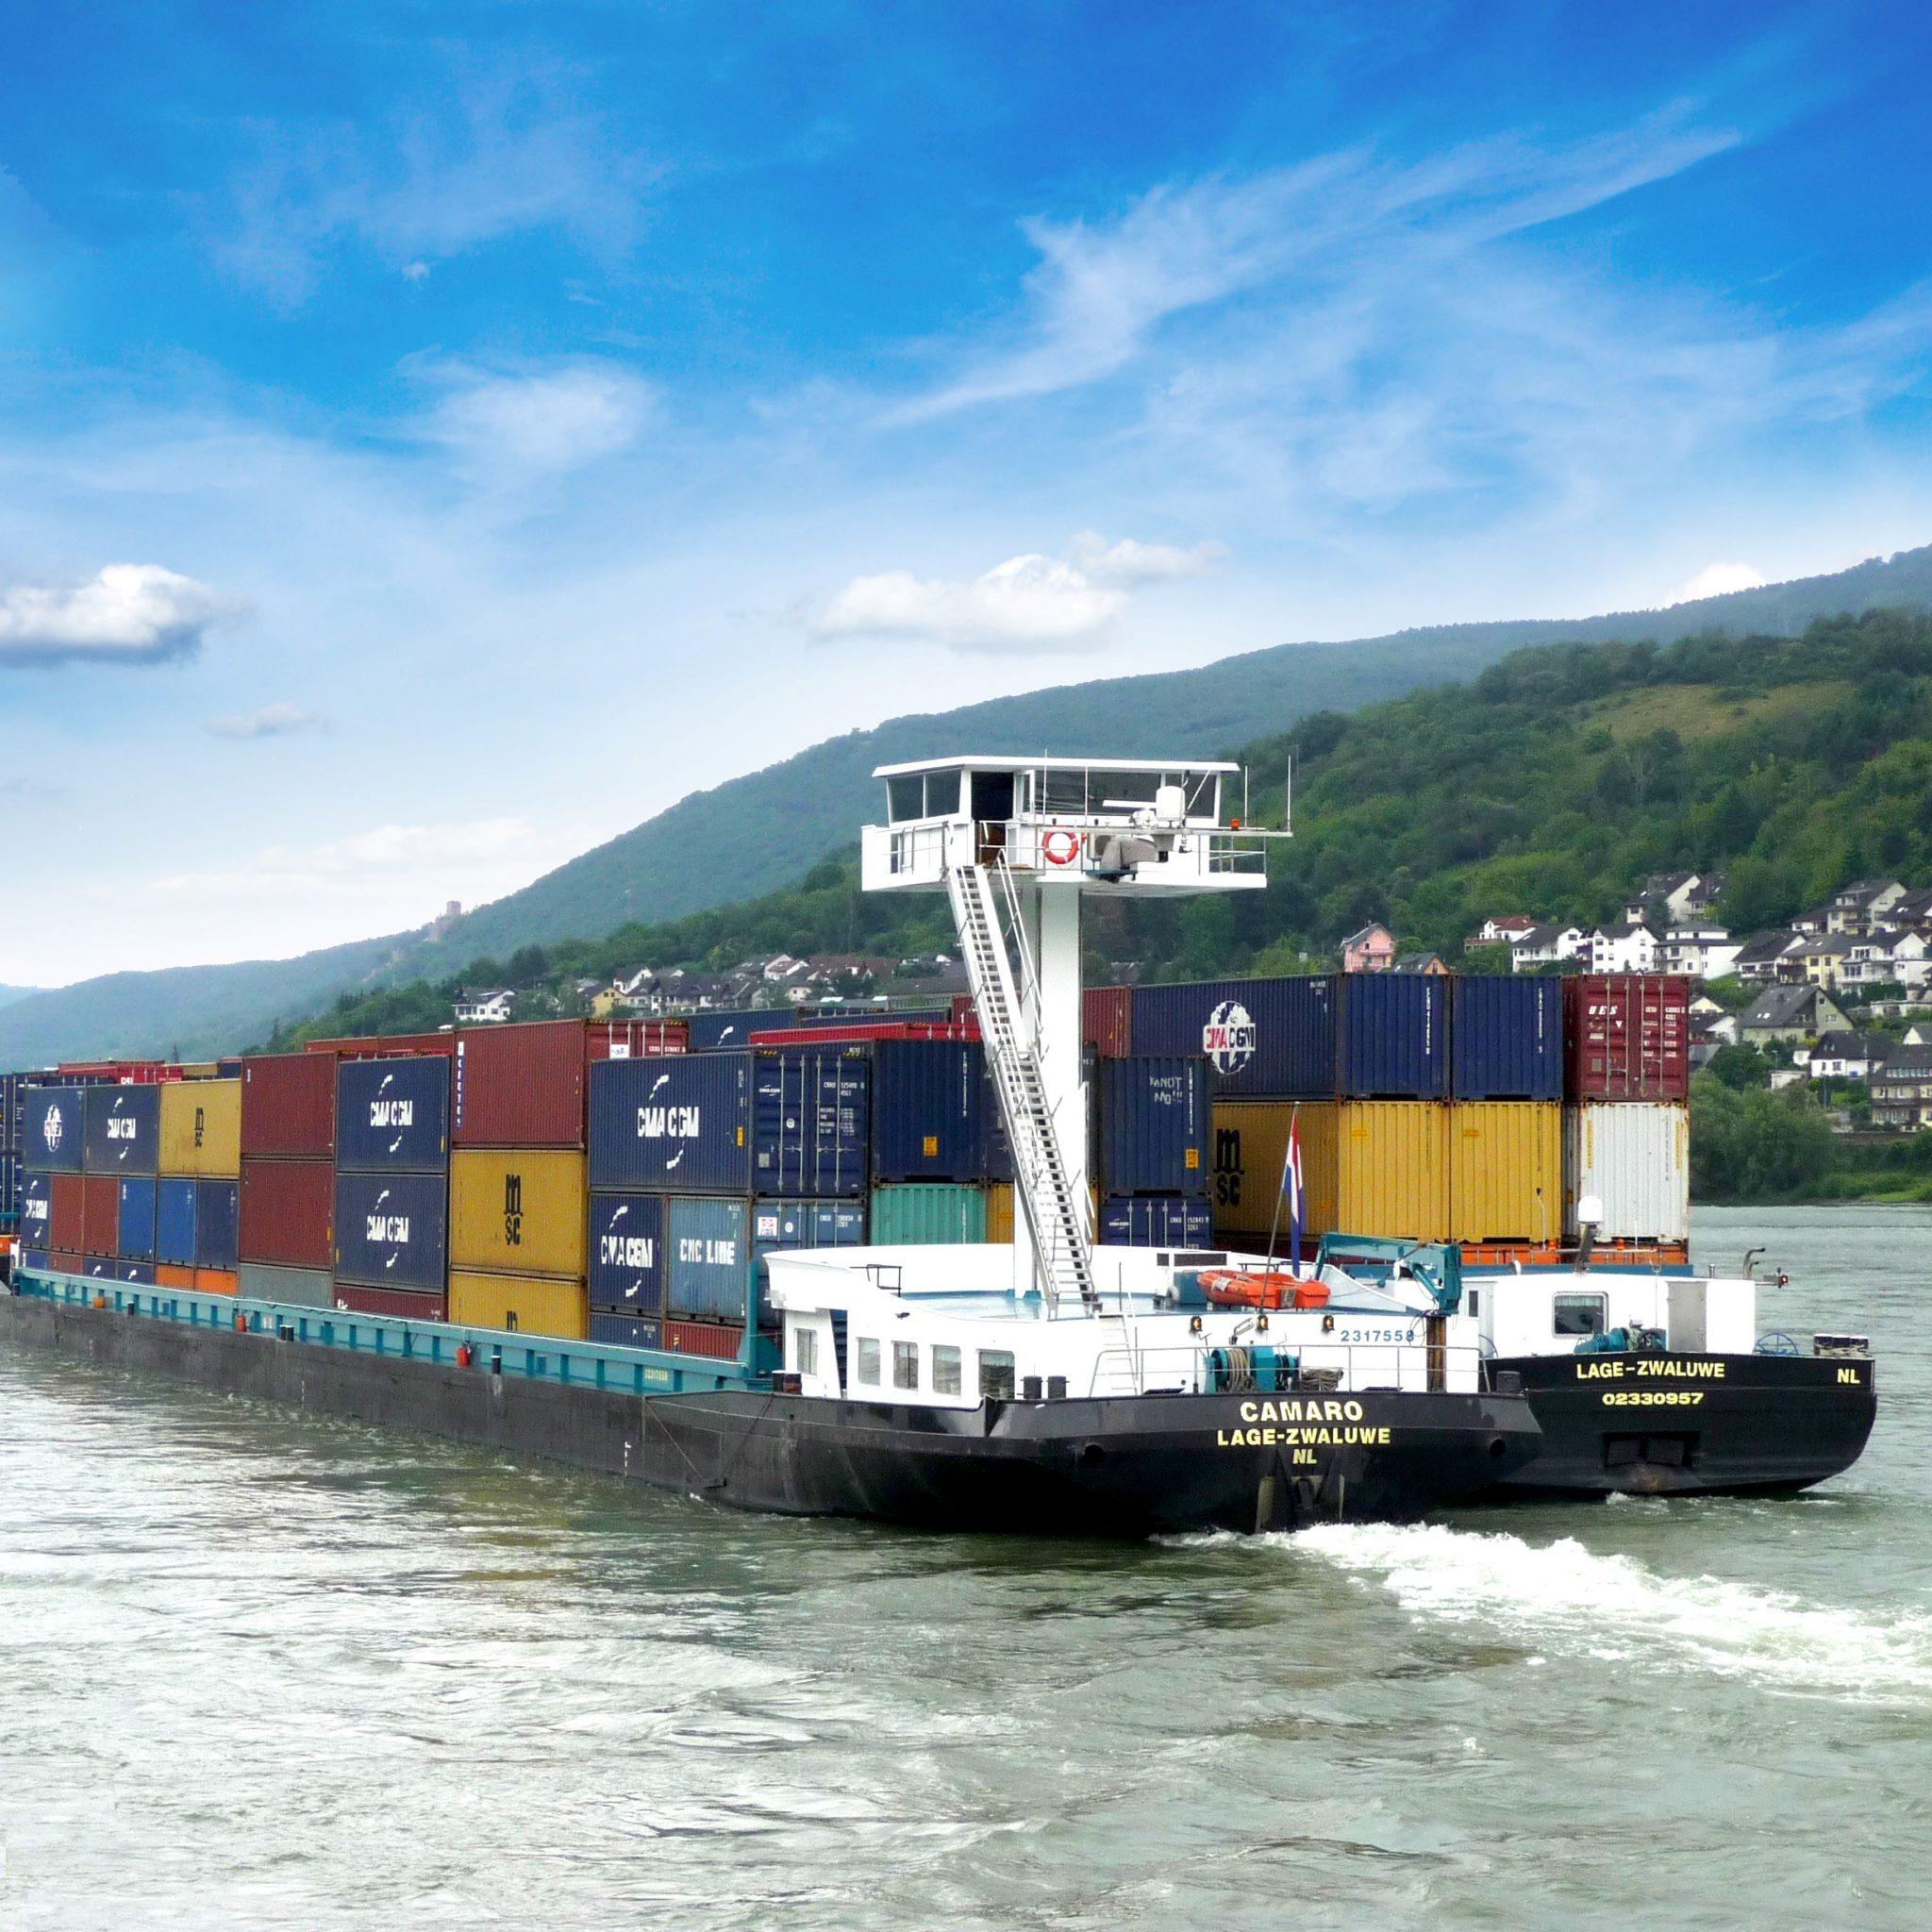 Een van de Camaro-schepen die vaart voor Dubbelman Container Transporten. (Foto Dubbelman)